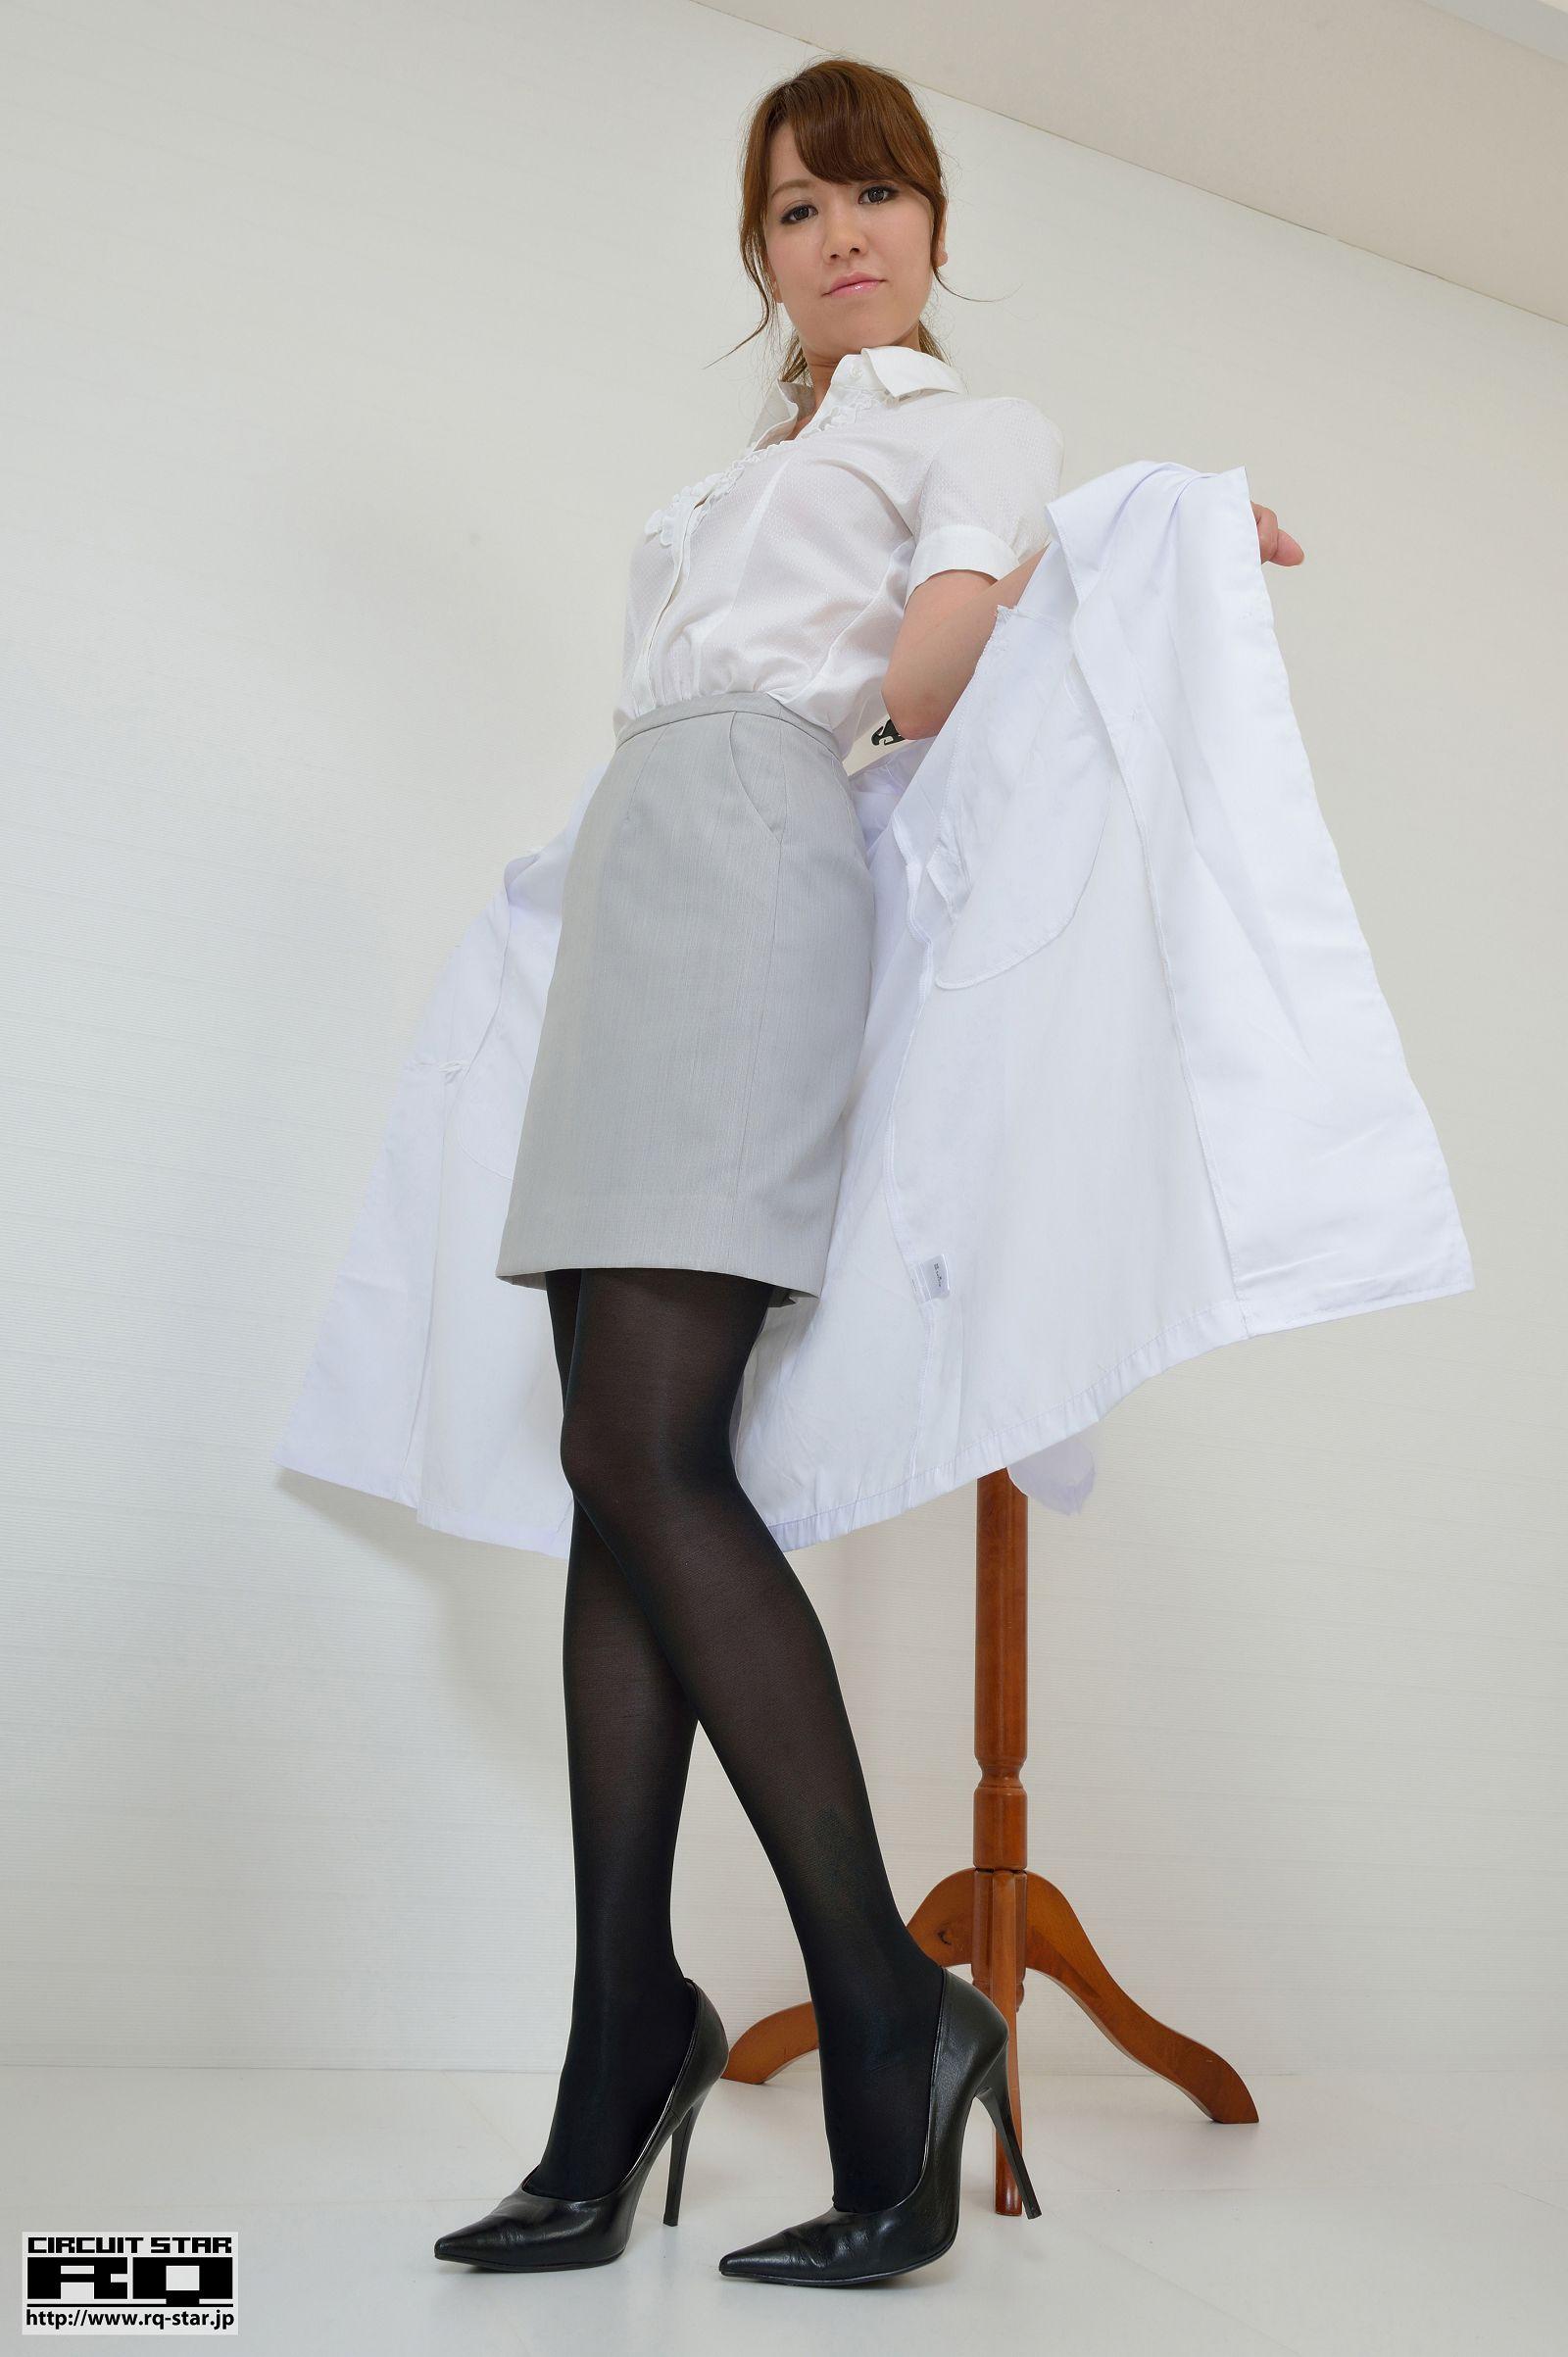 [RQ STAR美女] NO.00667 Mami Aizawa 相沢真美 Doctor[100P] RQ STAR 第4张